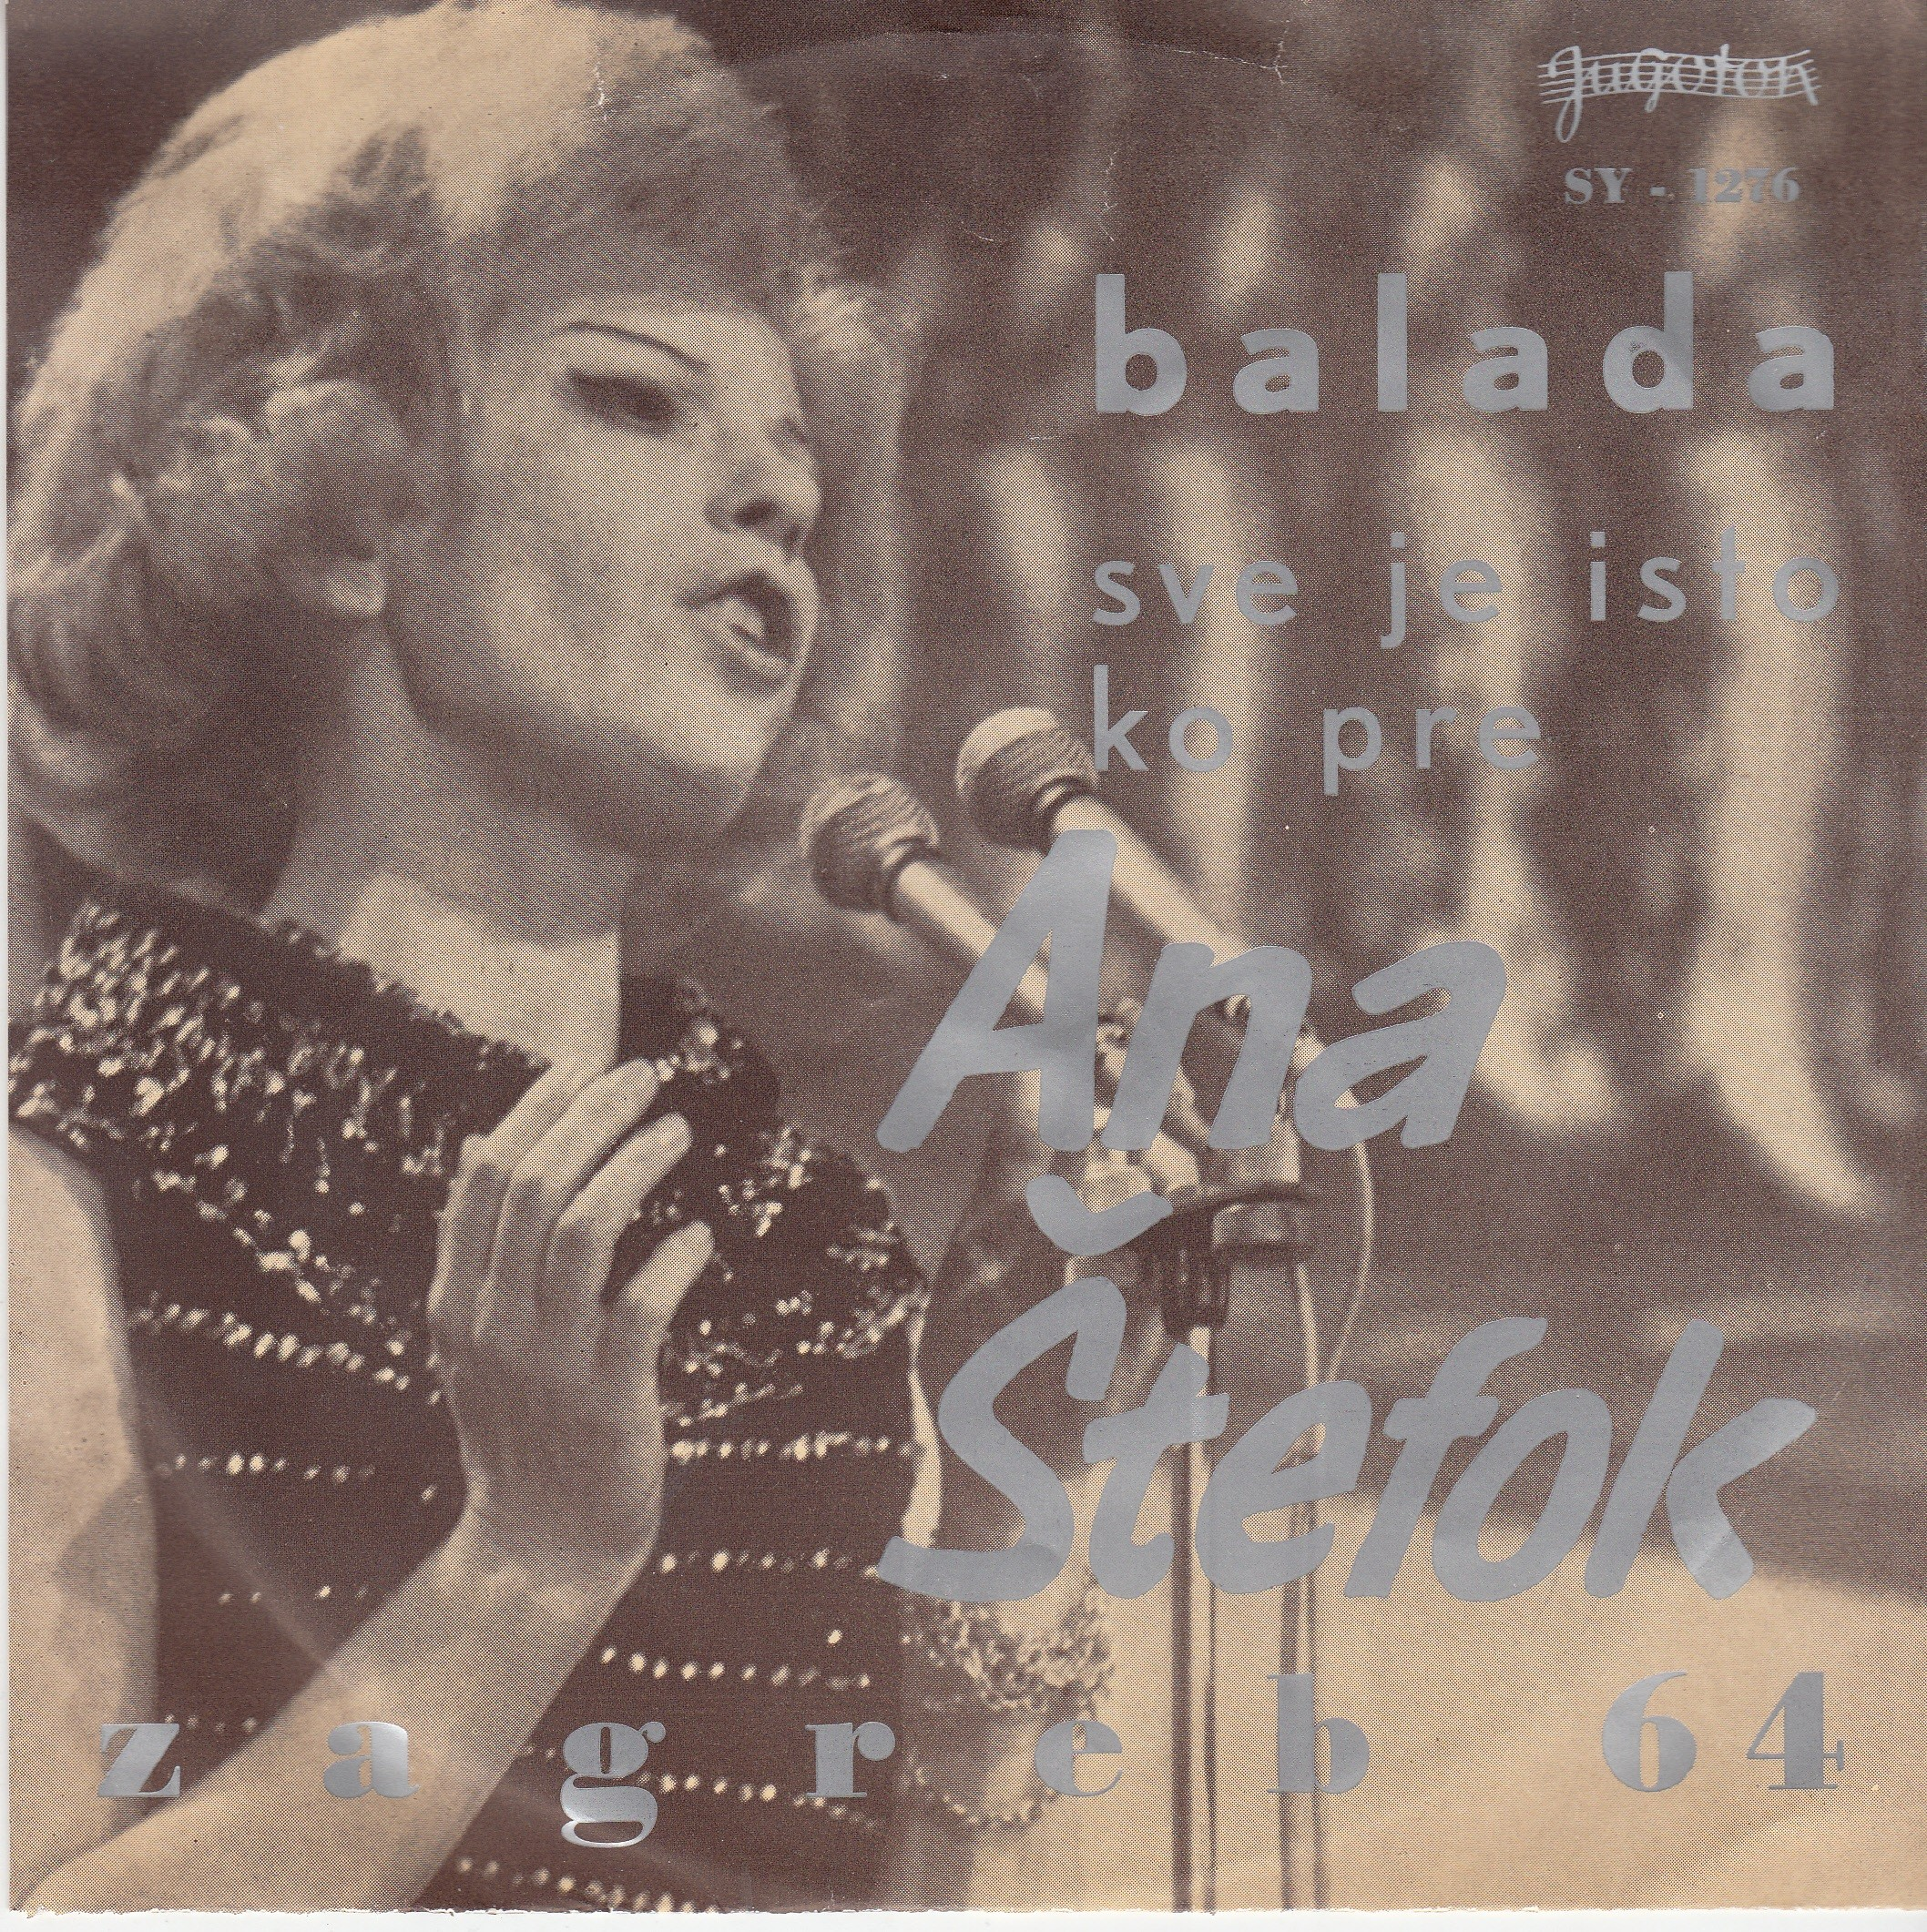 Stefok Ana - Balada/sve Je Isto Ko Pre